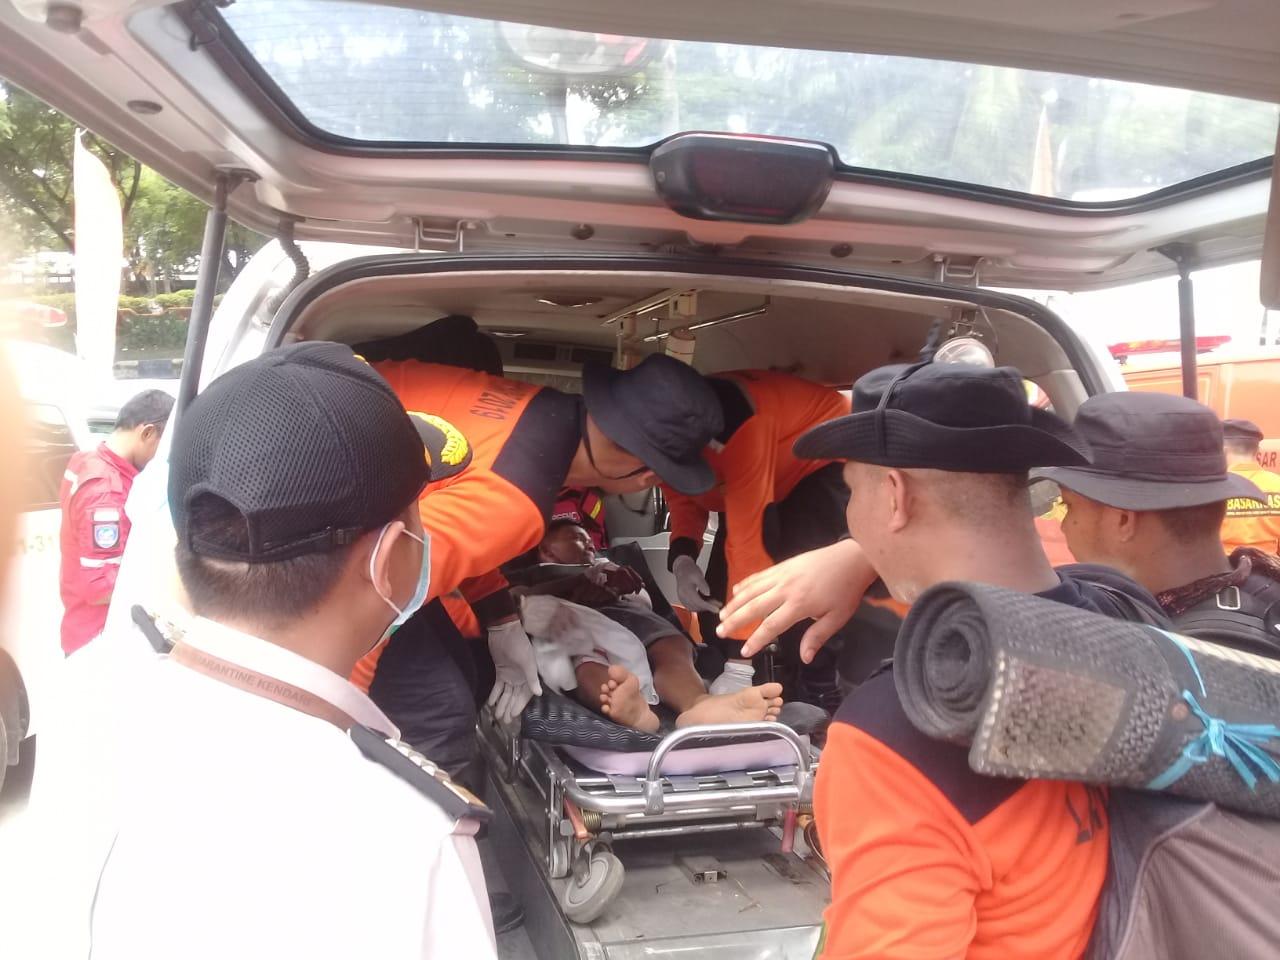 Menguji Kesiapan Potensi dan Kemampuan Personil, SAR Kendari Gelar Simulasi Bencana